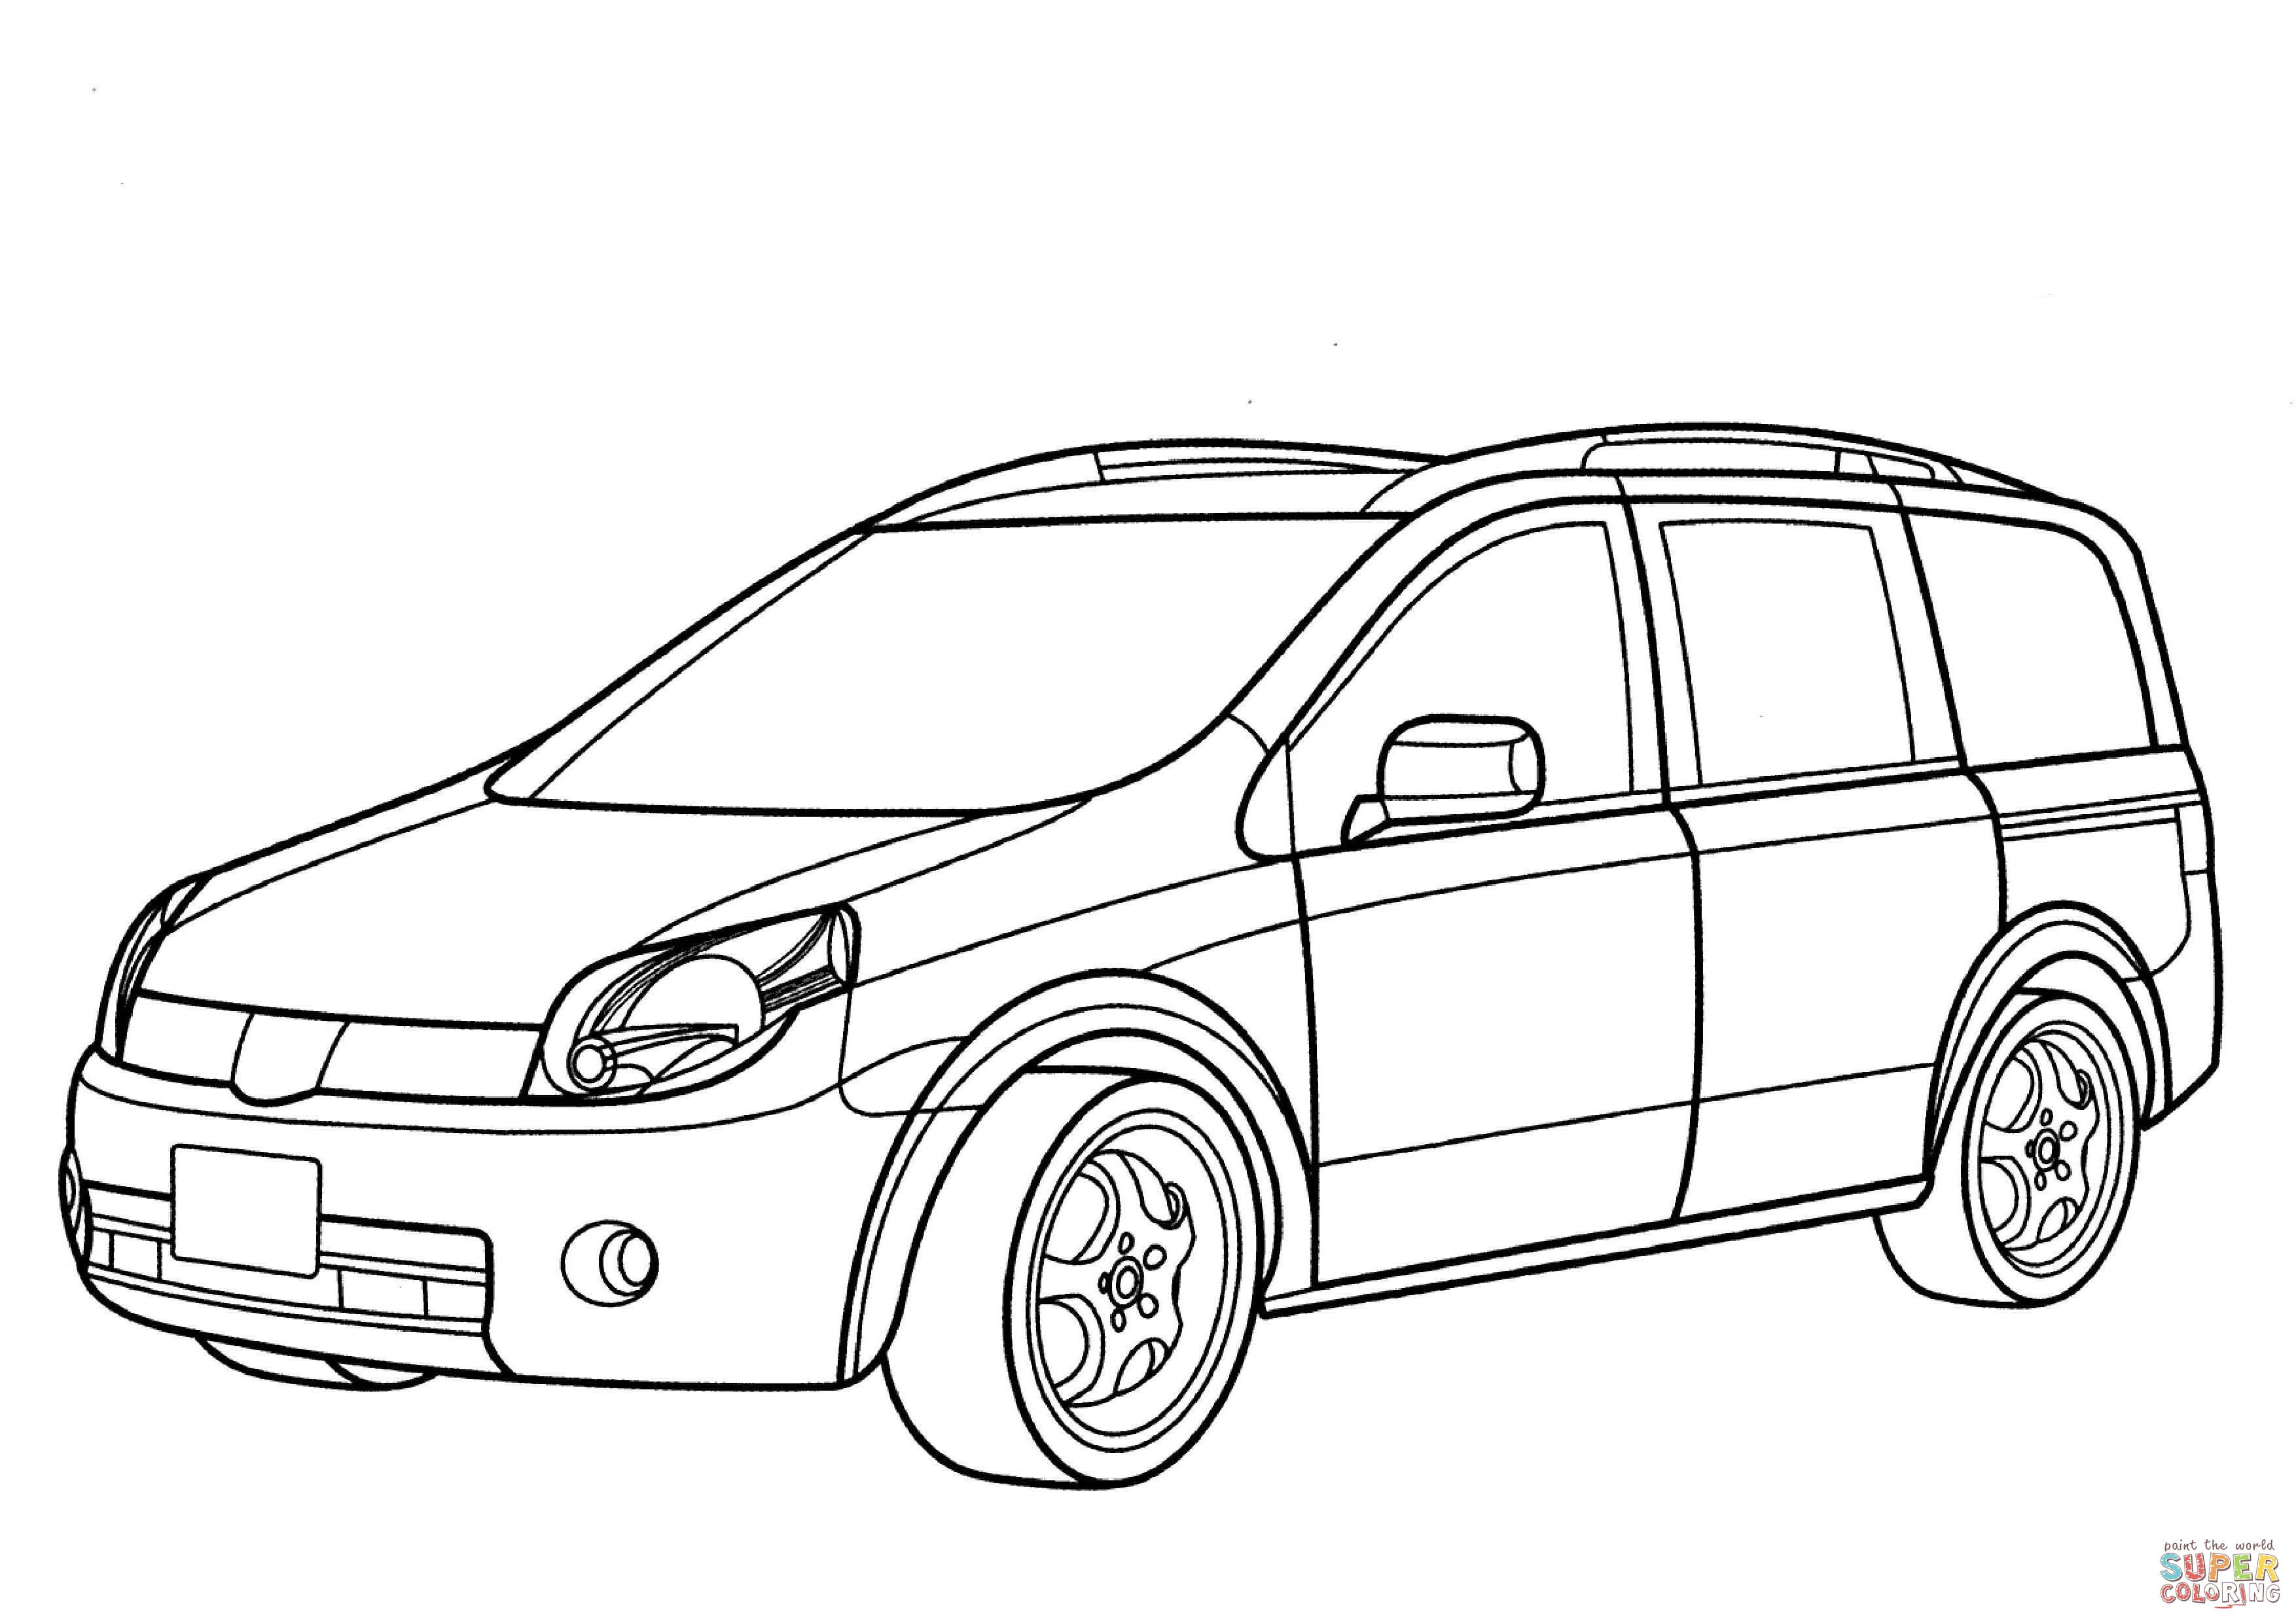 Nissan Drawing At Getdrawings